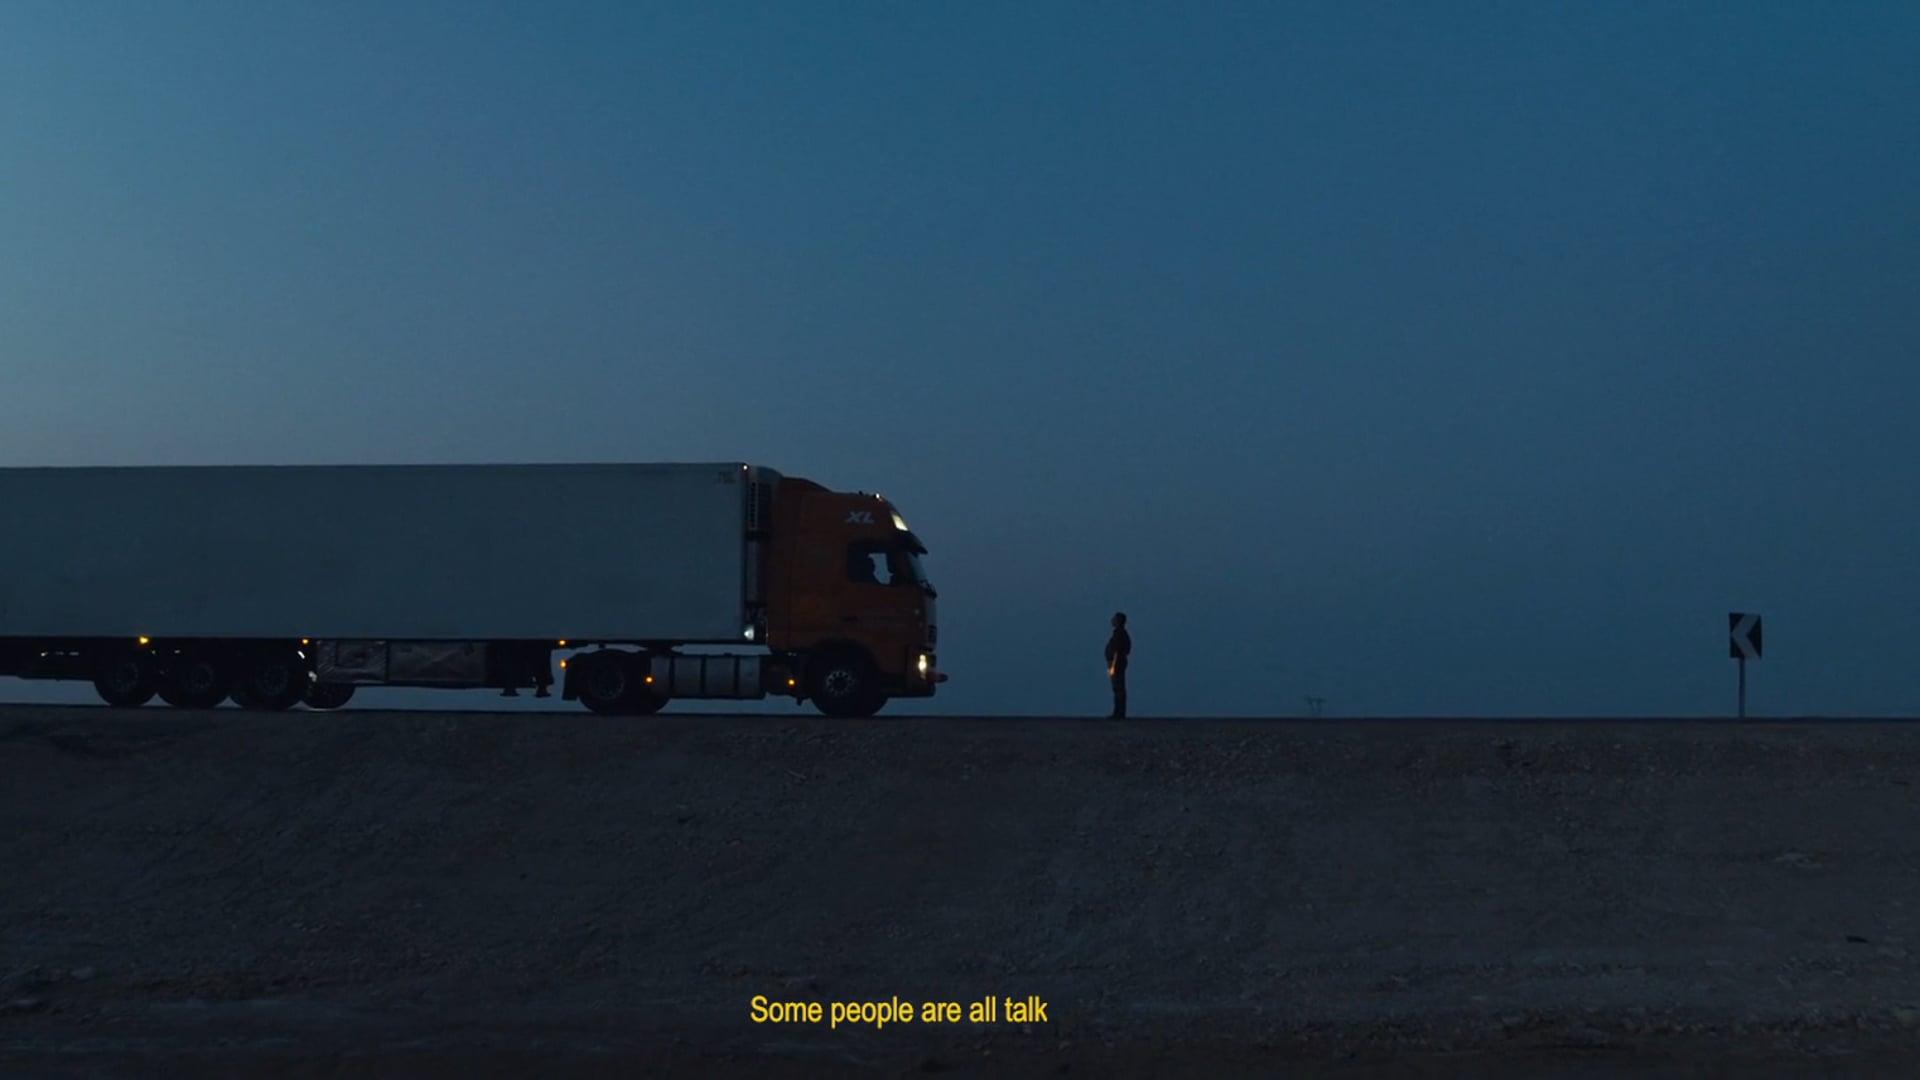 Shell, Dir.: Karim Shaaban